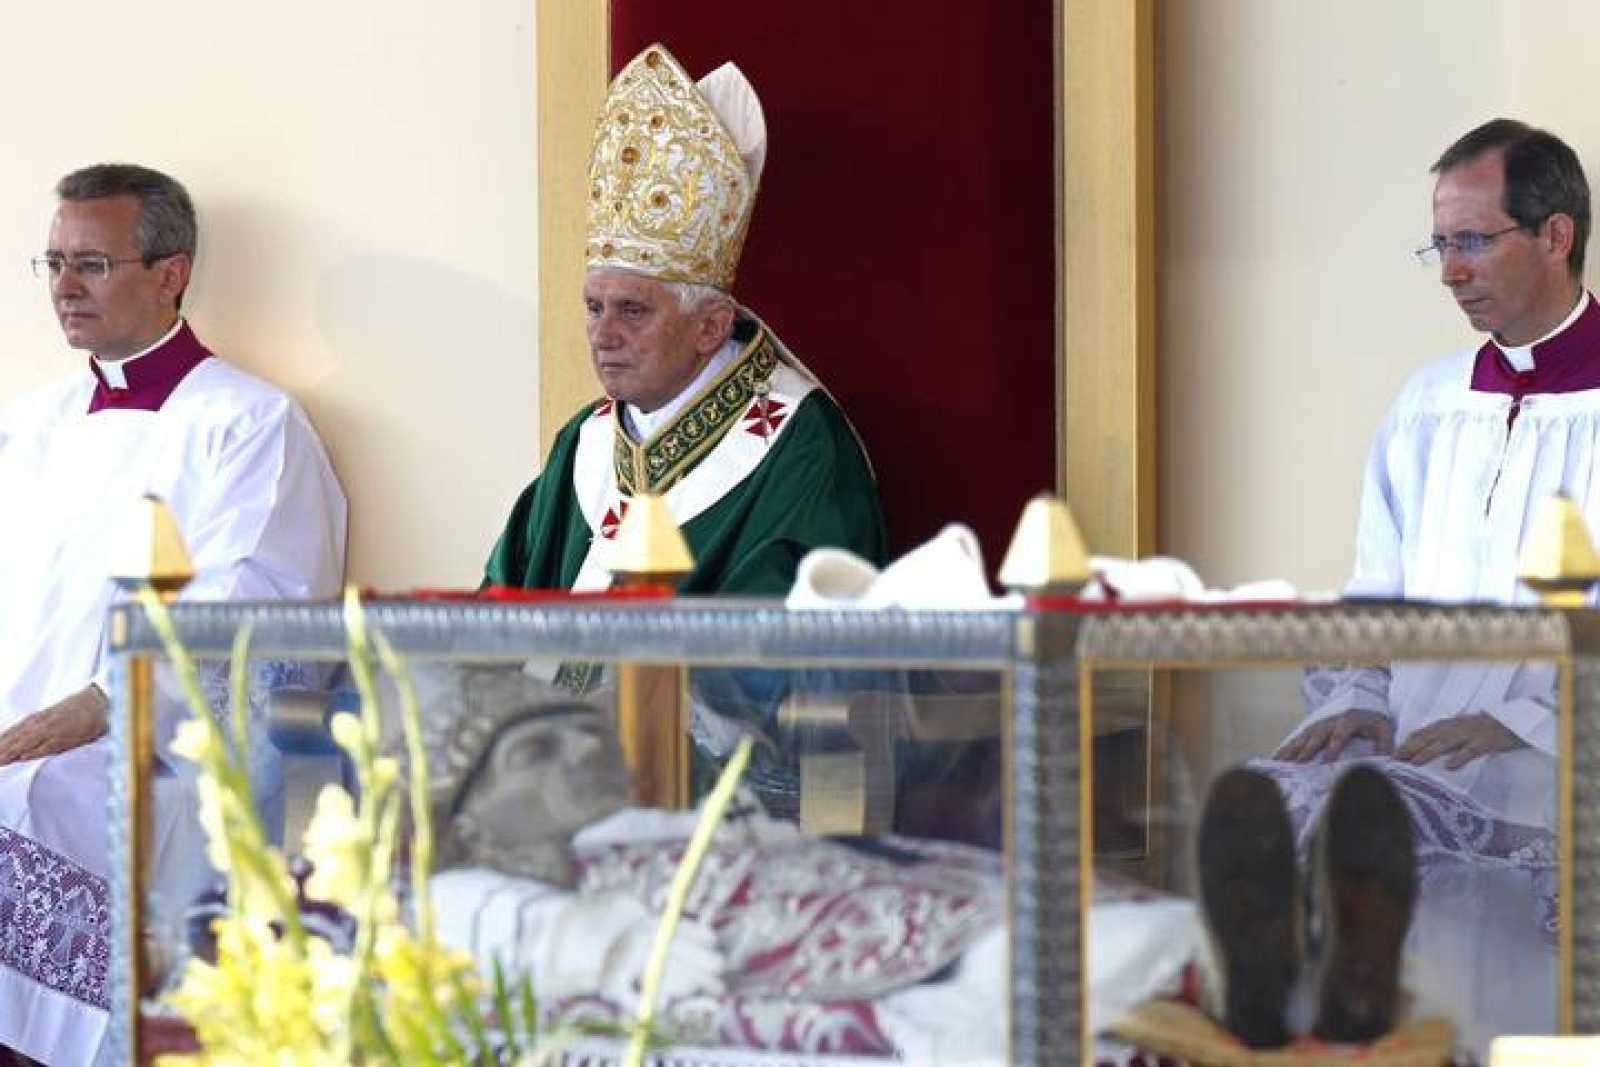 Benedicto XVI ante la tumba de Celestino V en 2010, un año después del terremoto de L'Aquila.